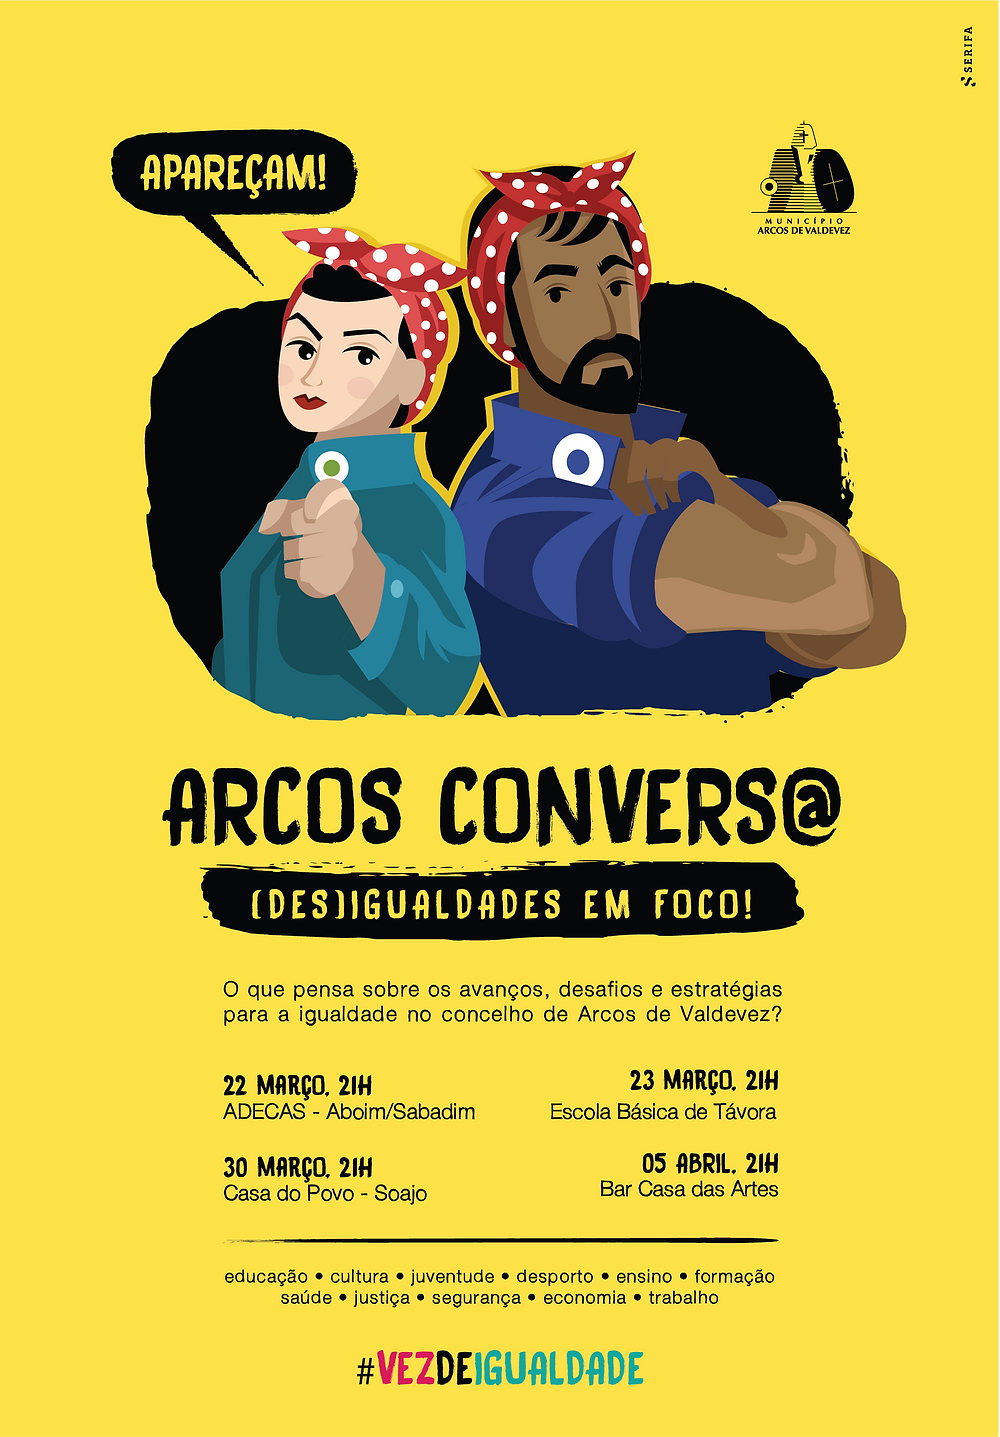 Arcos Conversa | Peneda Gerês TV